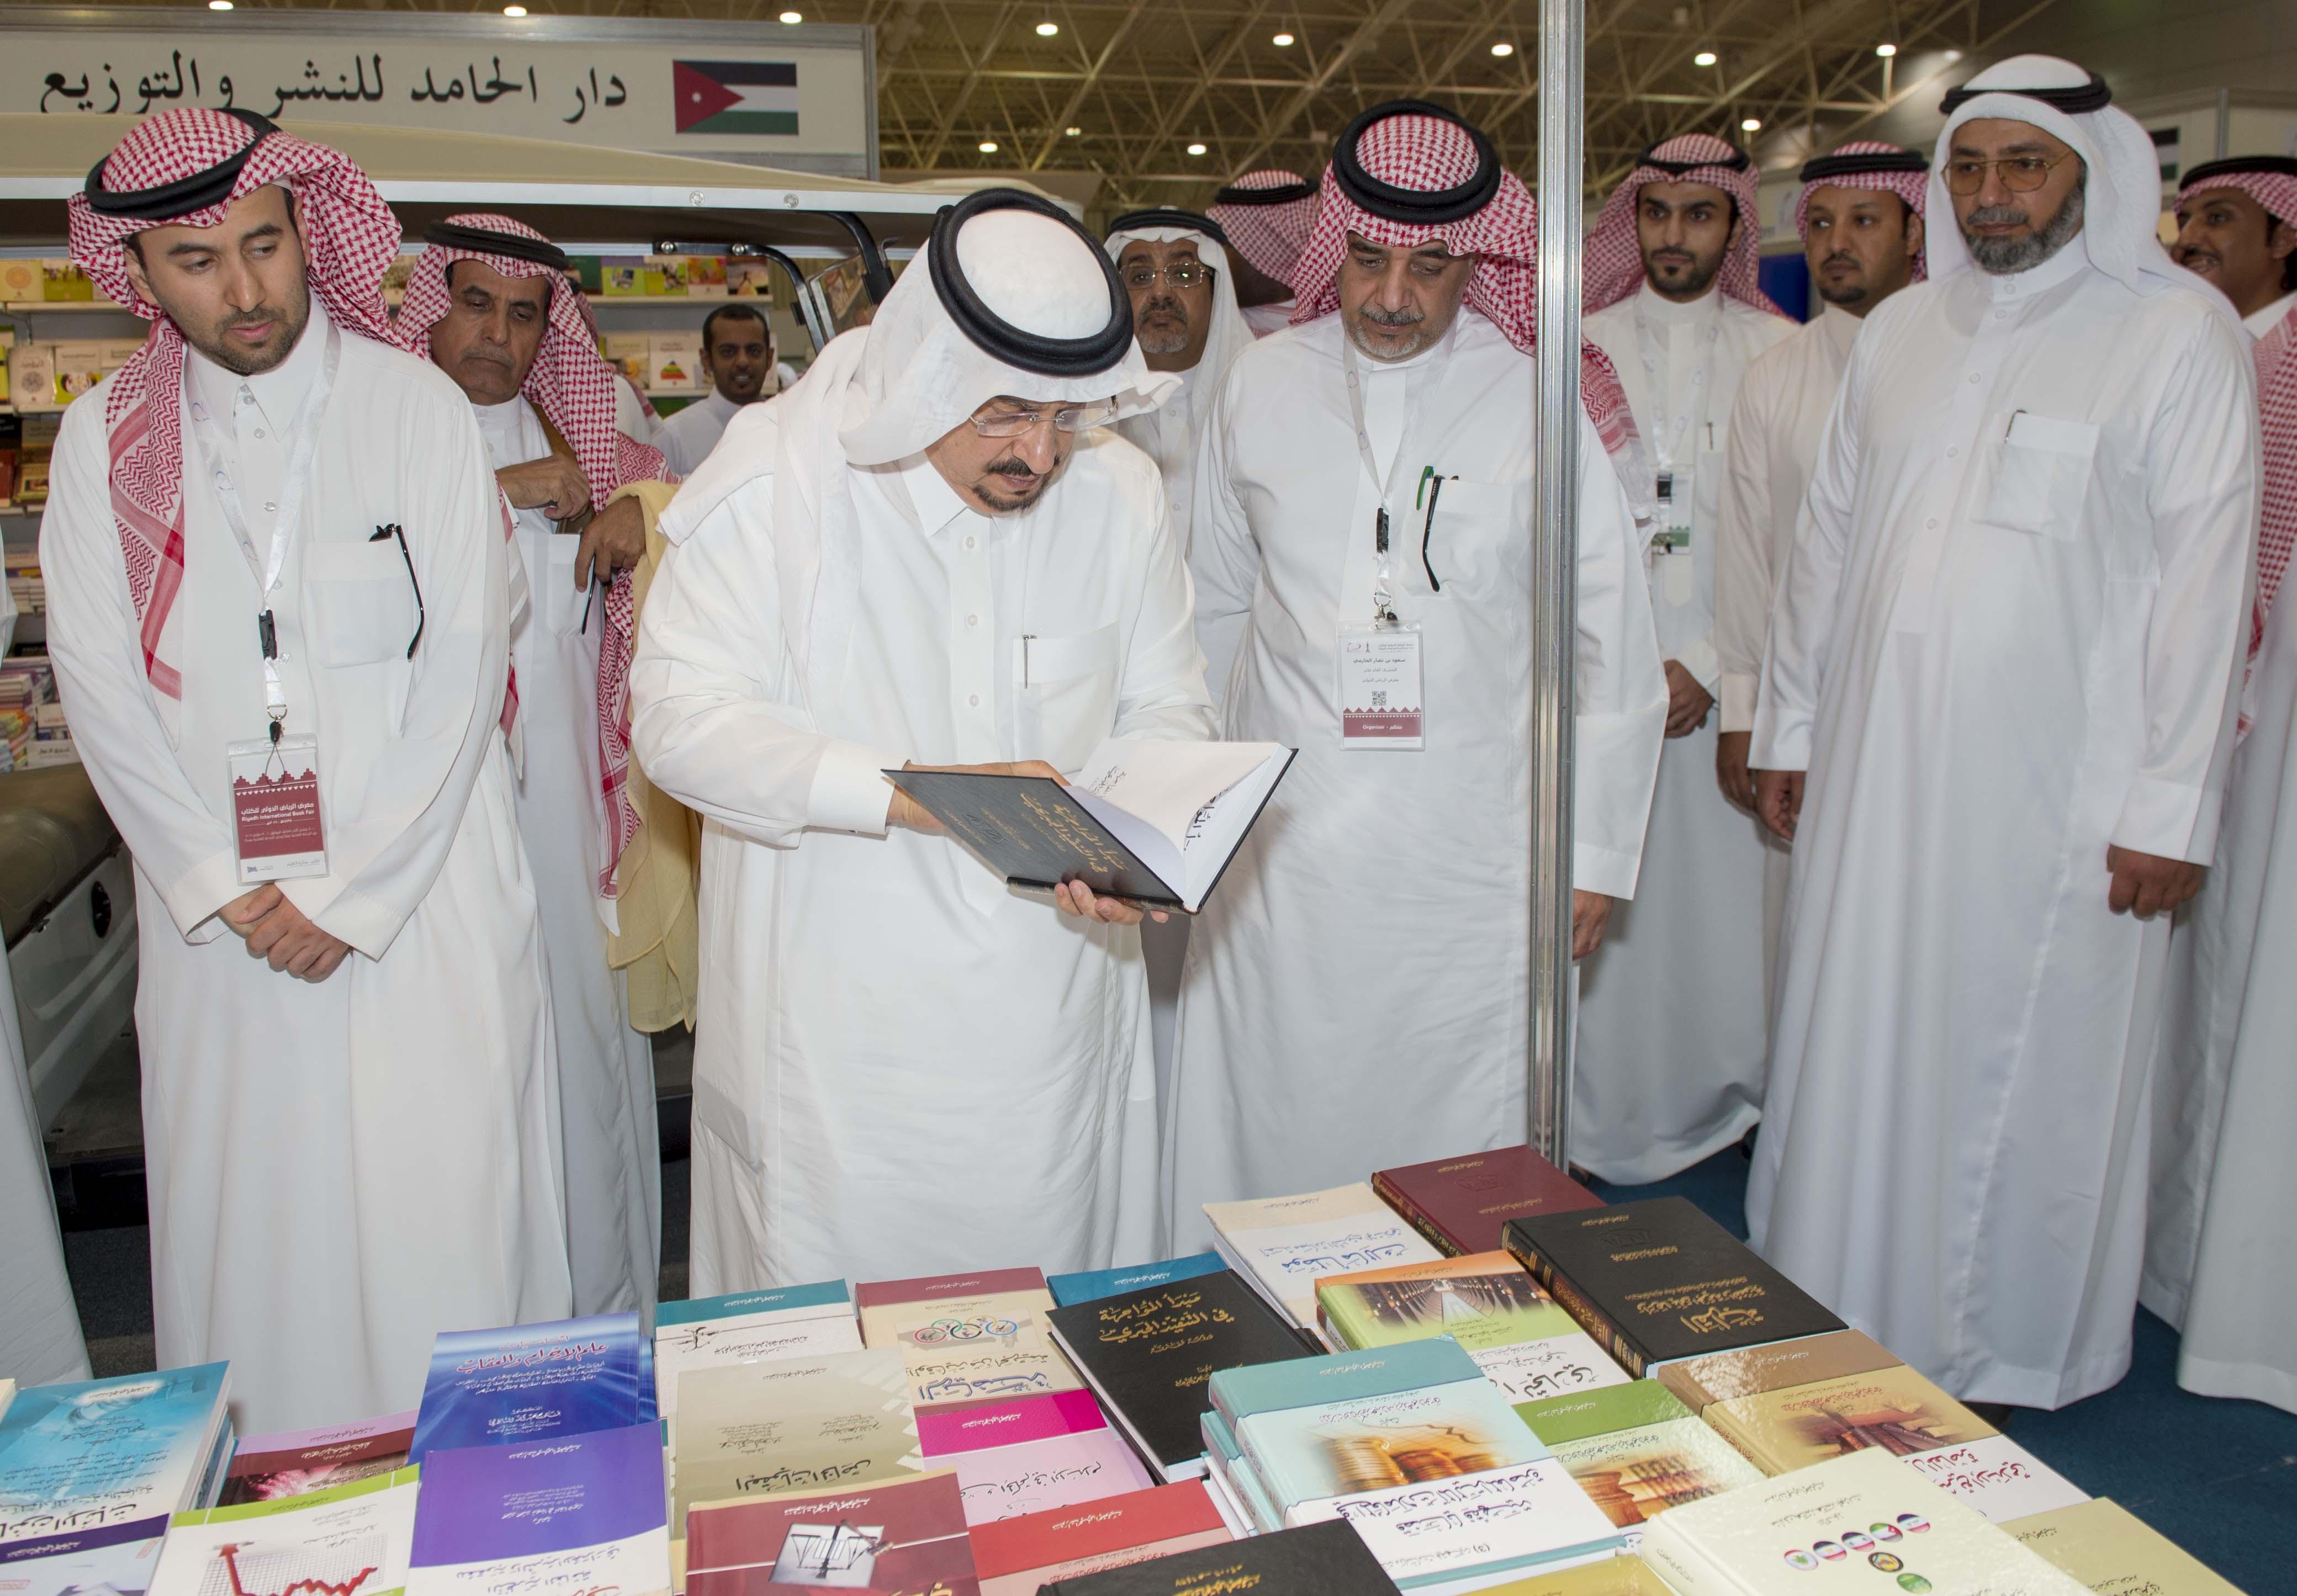 امير الرياض يزور معرض الكتاب (7)